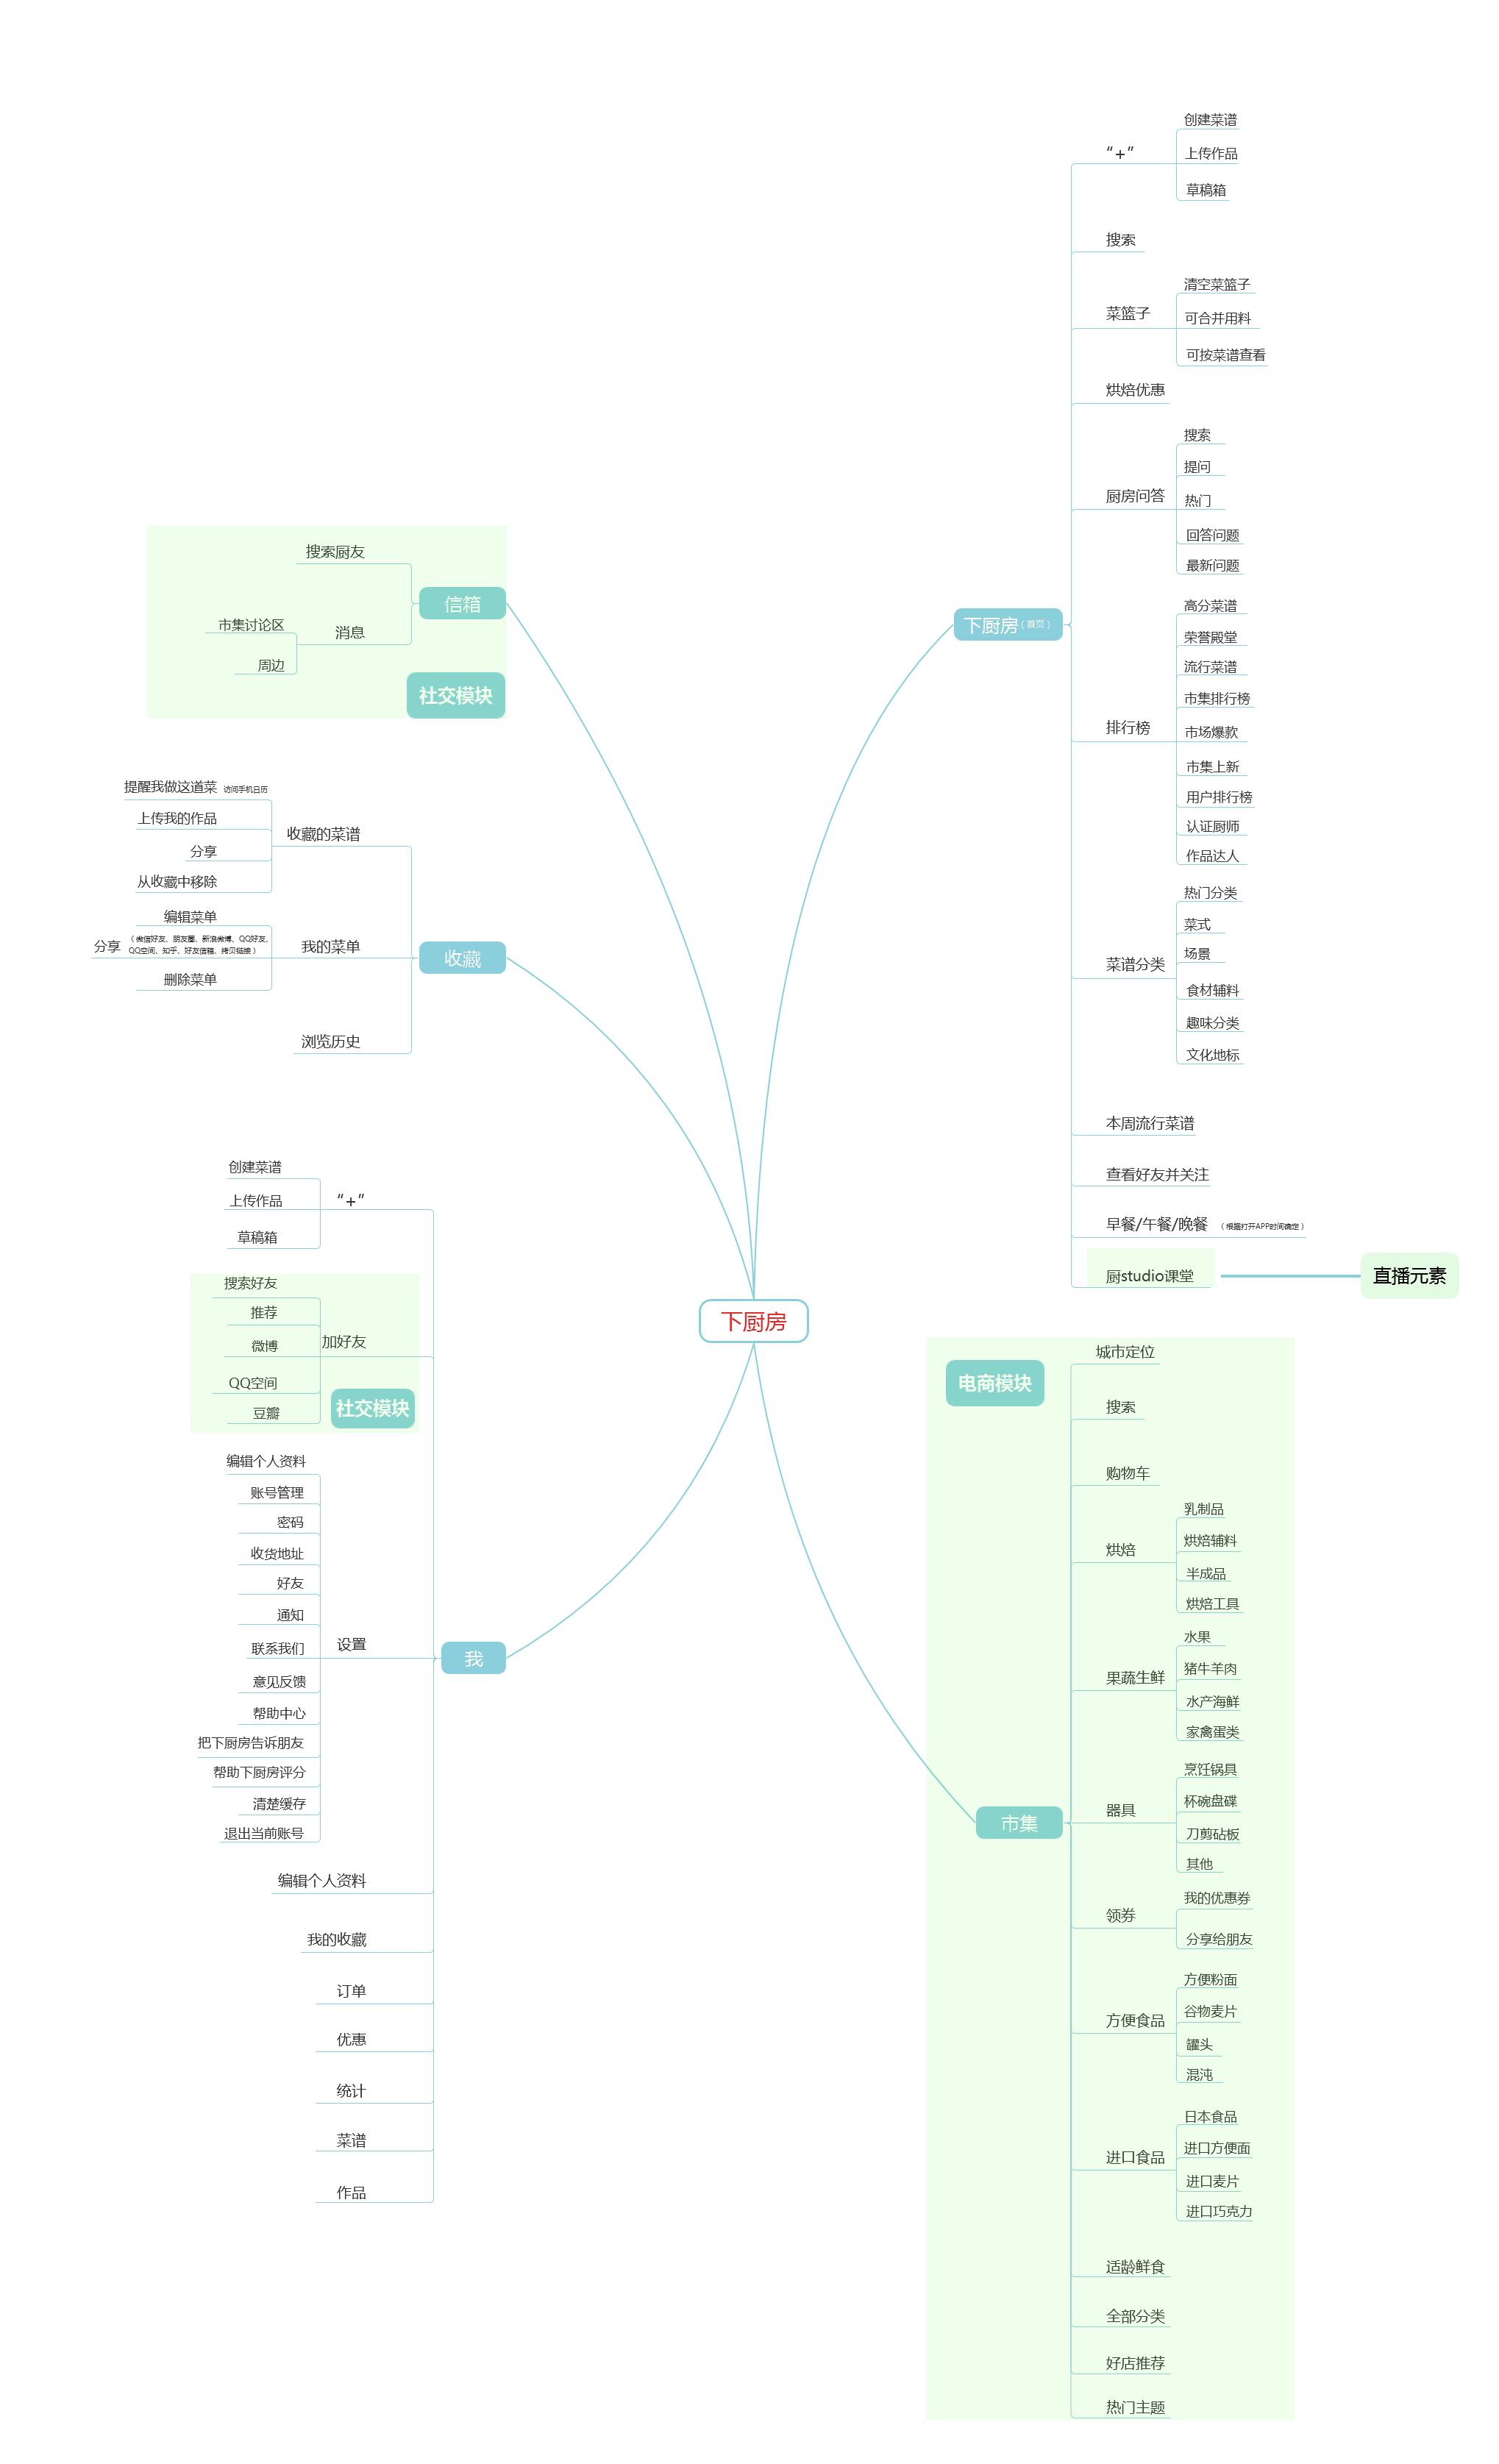 1-1下厨房app的信息功能结构图